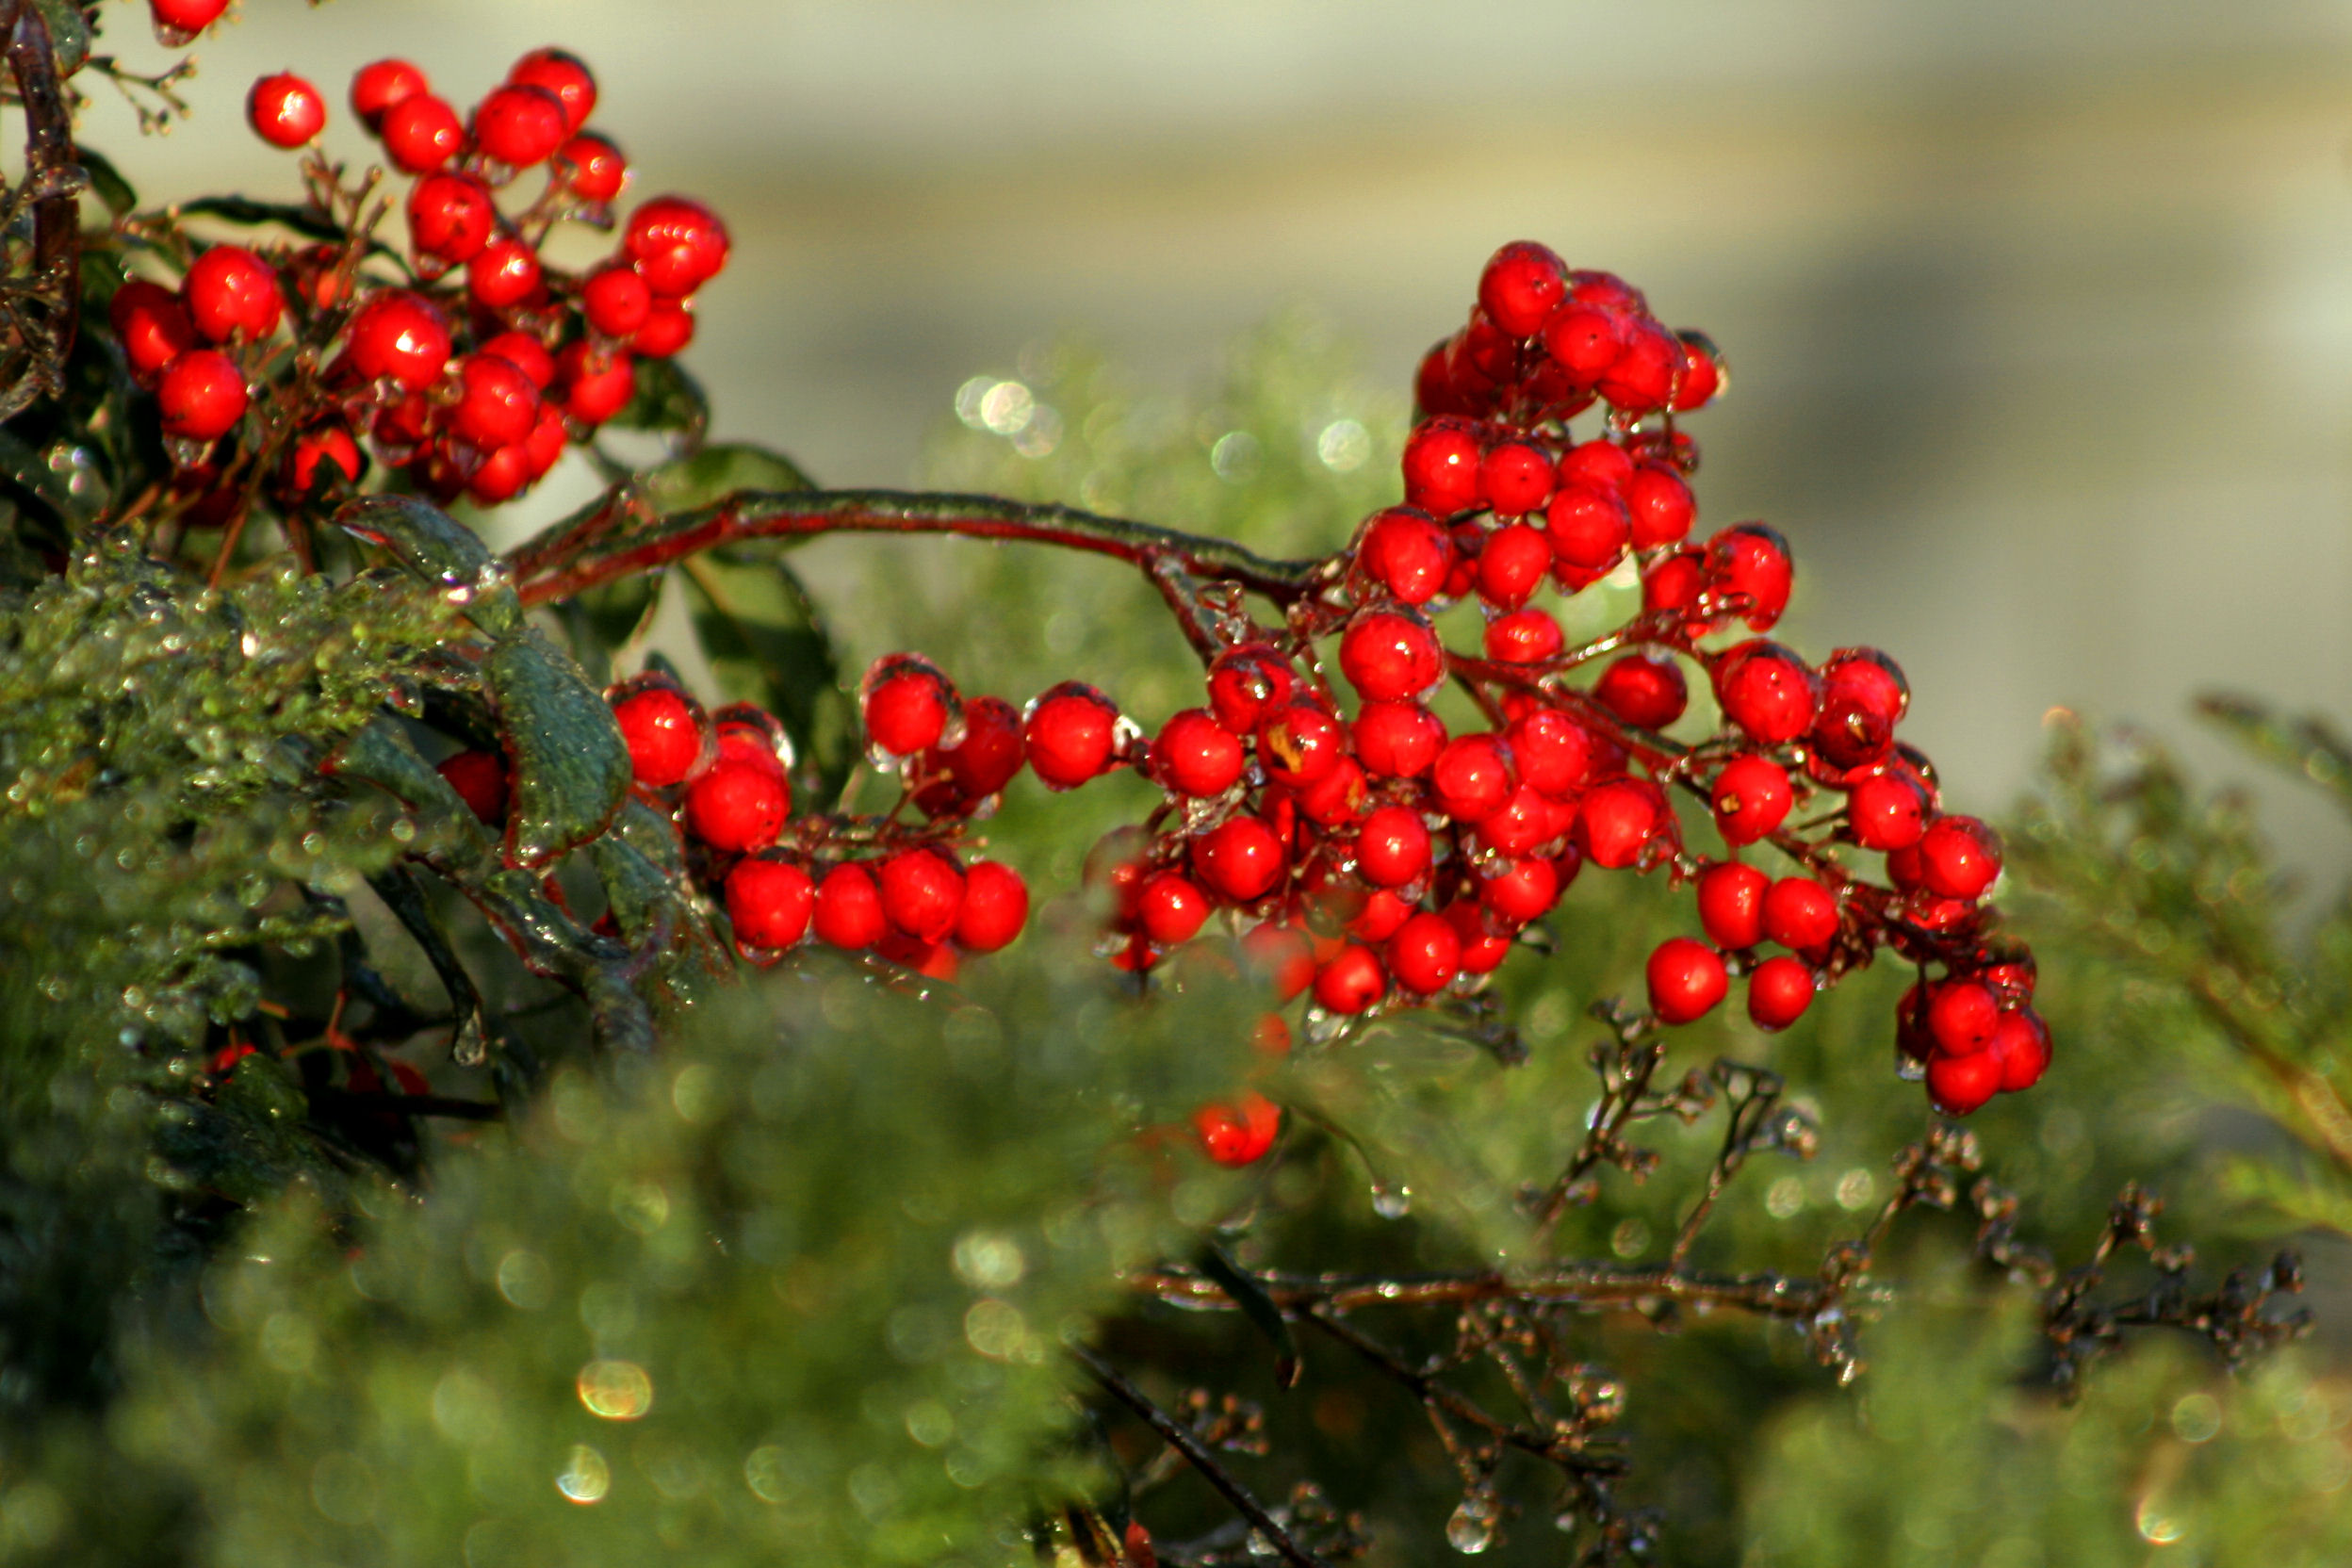 Ice-laden Nandina berries